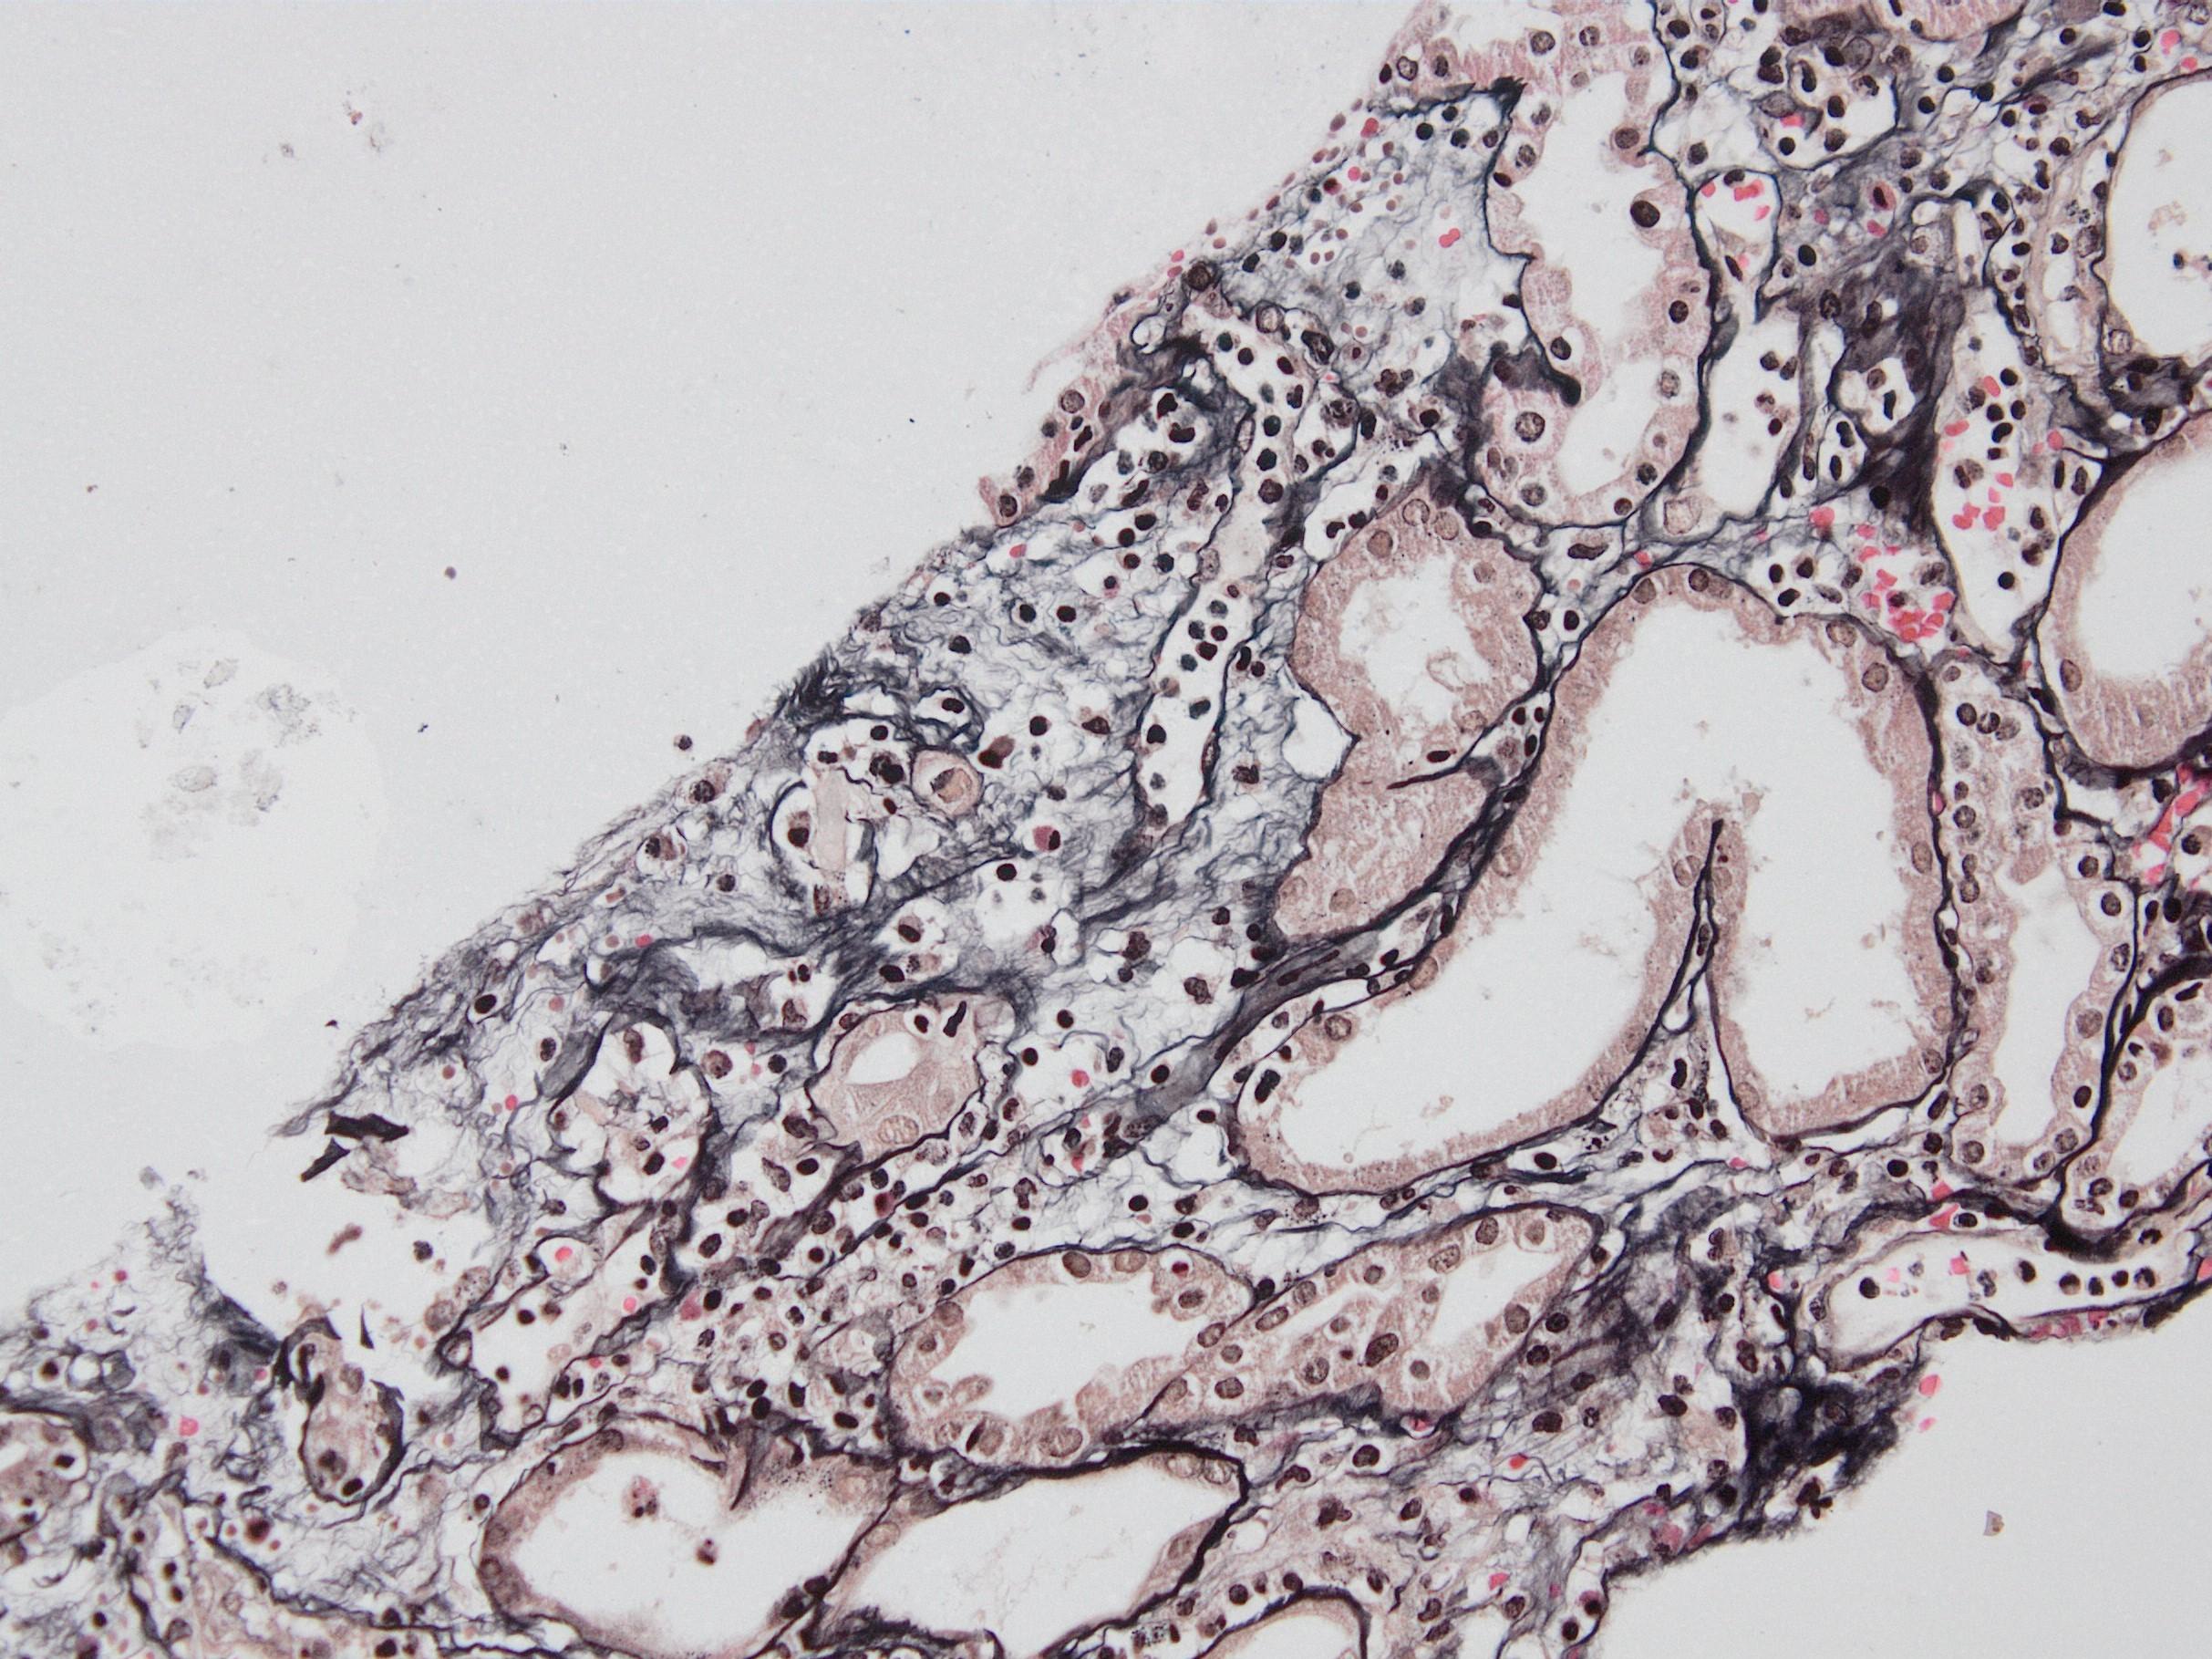 Peritubullary capillaritis, JMS stain